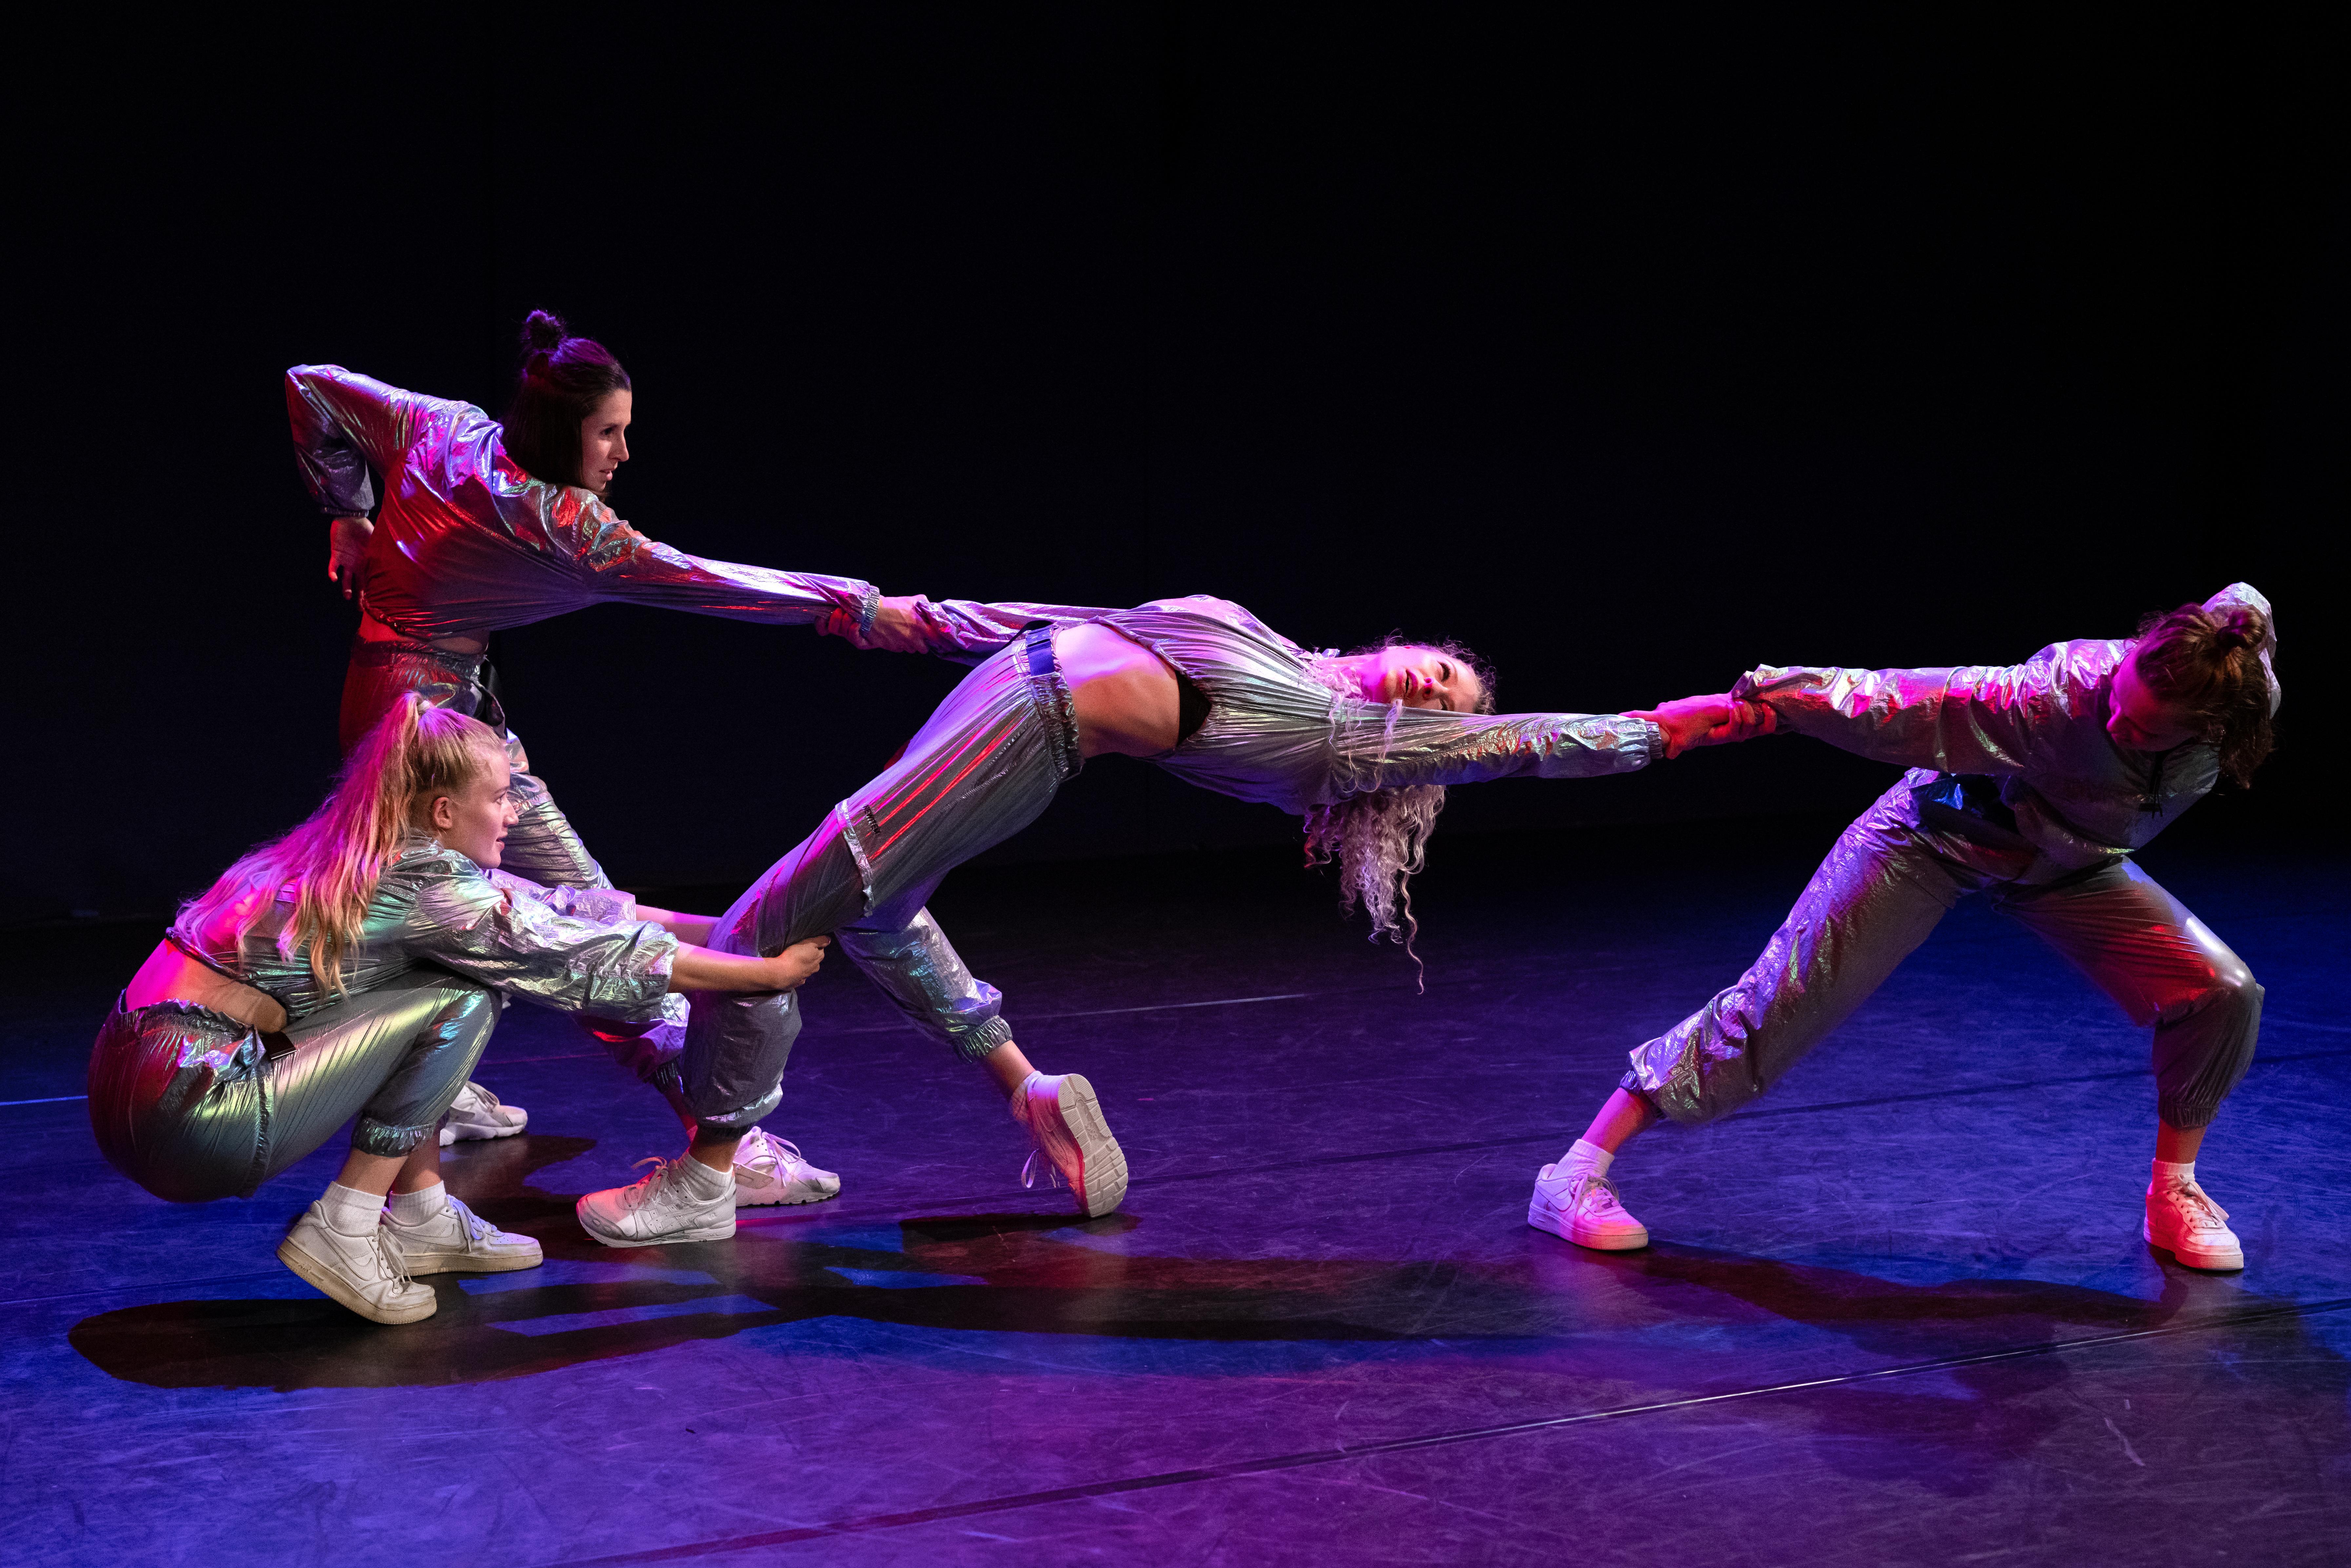 Dansblok staat in de startblokken om te beginnen: 'Het voelt heerlijk om weer voor publiek te spelen'